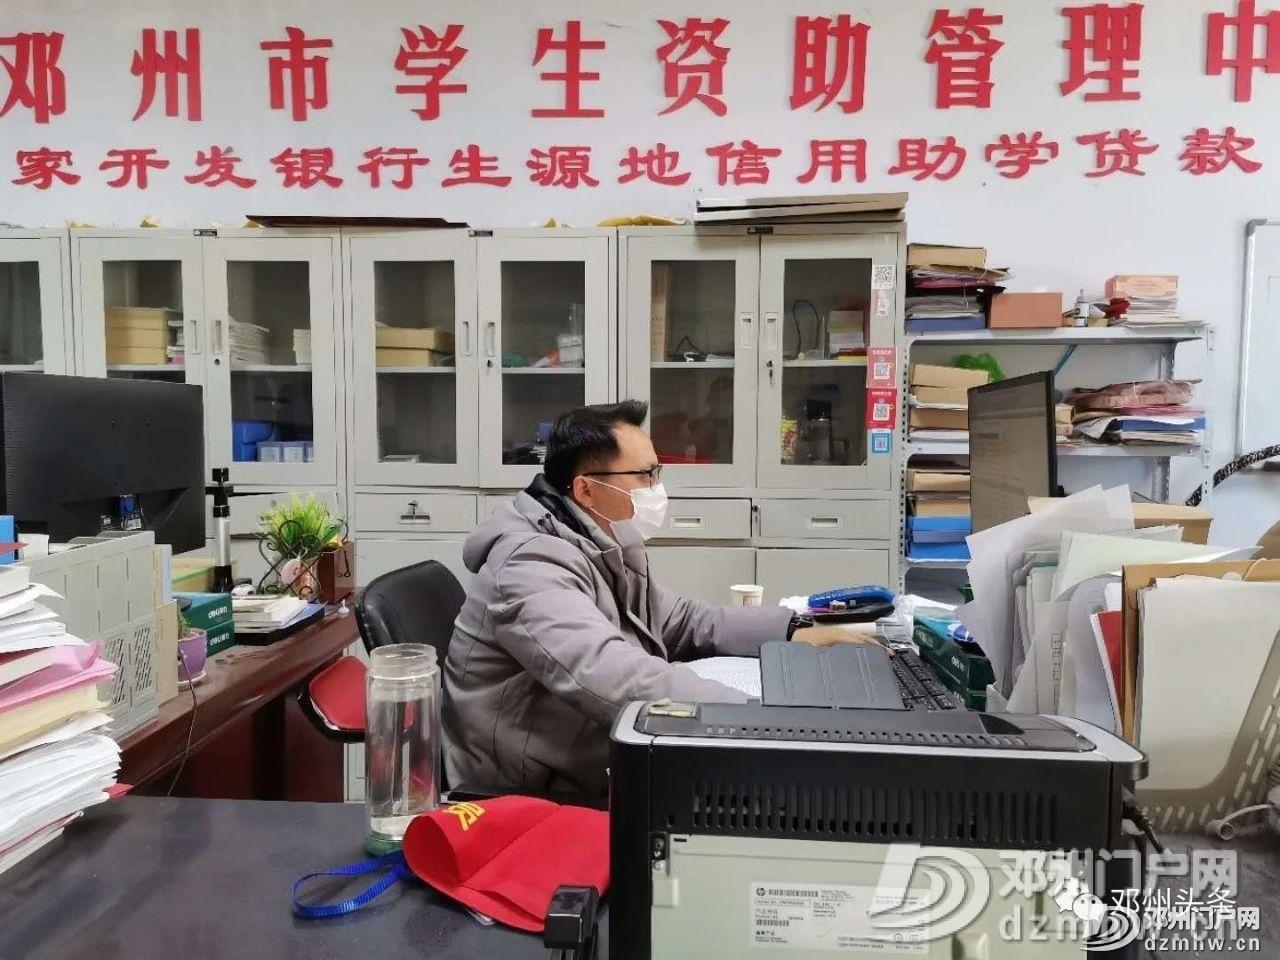 邓州建档立卡家庭学生,第一批资助资金431.97万元已发放到位! - 邓州门户网|邓州网 - 5bd8d22b2b9783ebb335b88c8ab43e28.jpg